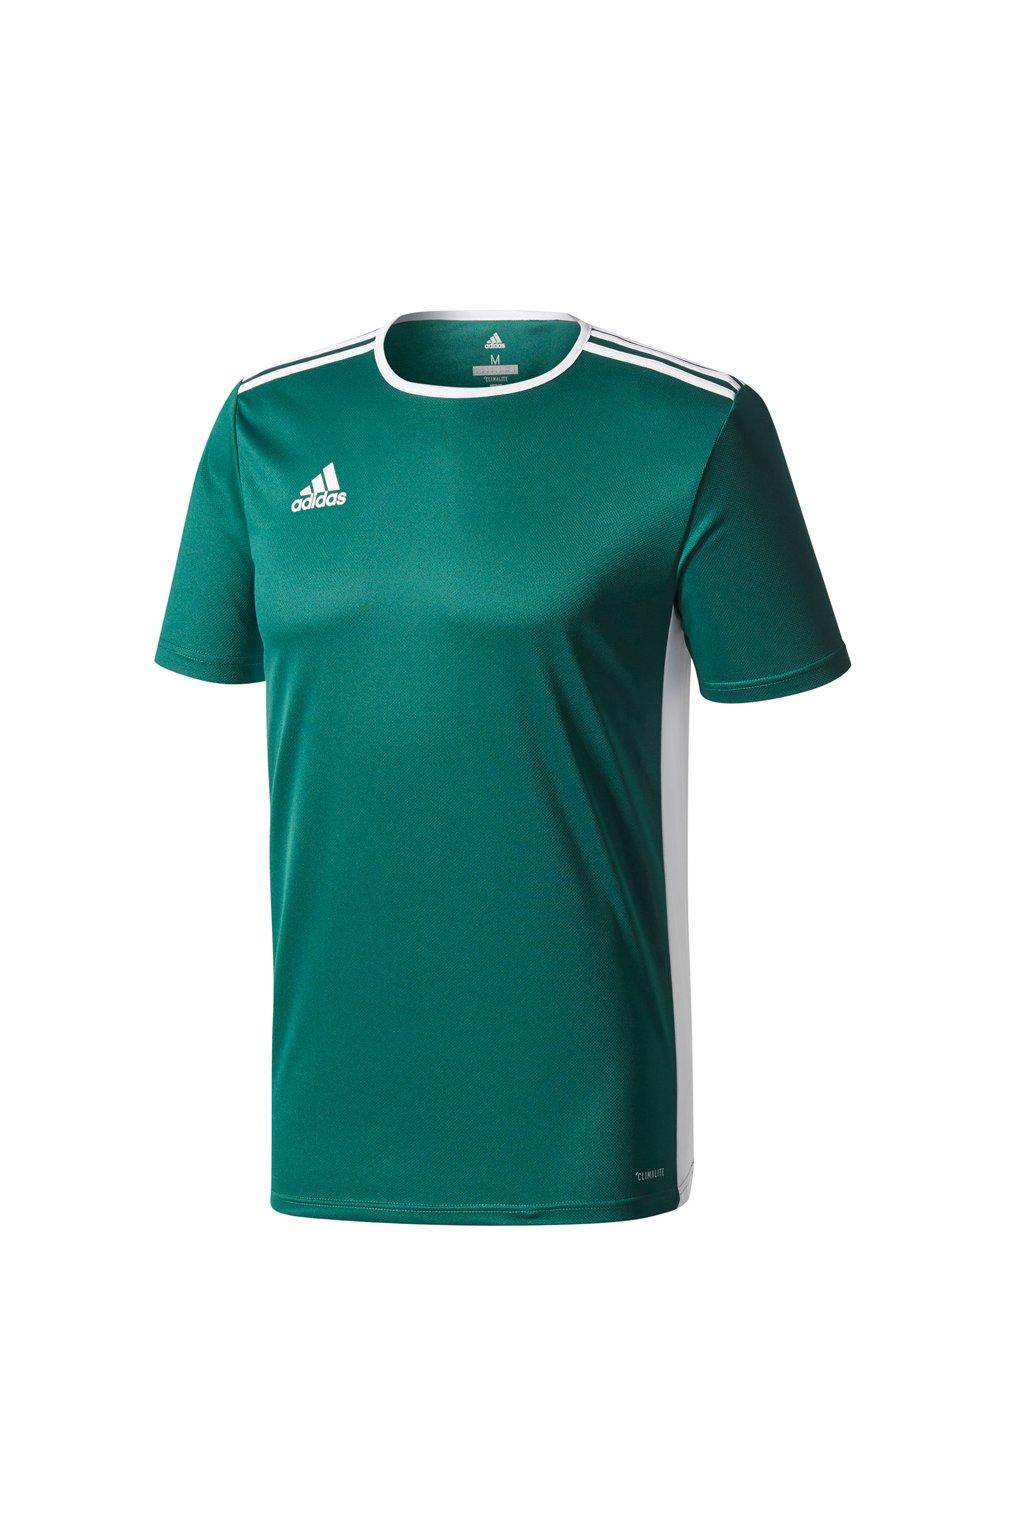 Detské tričko Adidas Entrada 18 JUNIOR zelené CD8358